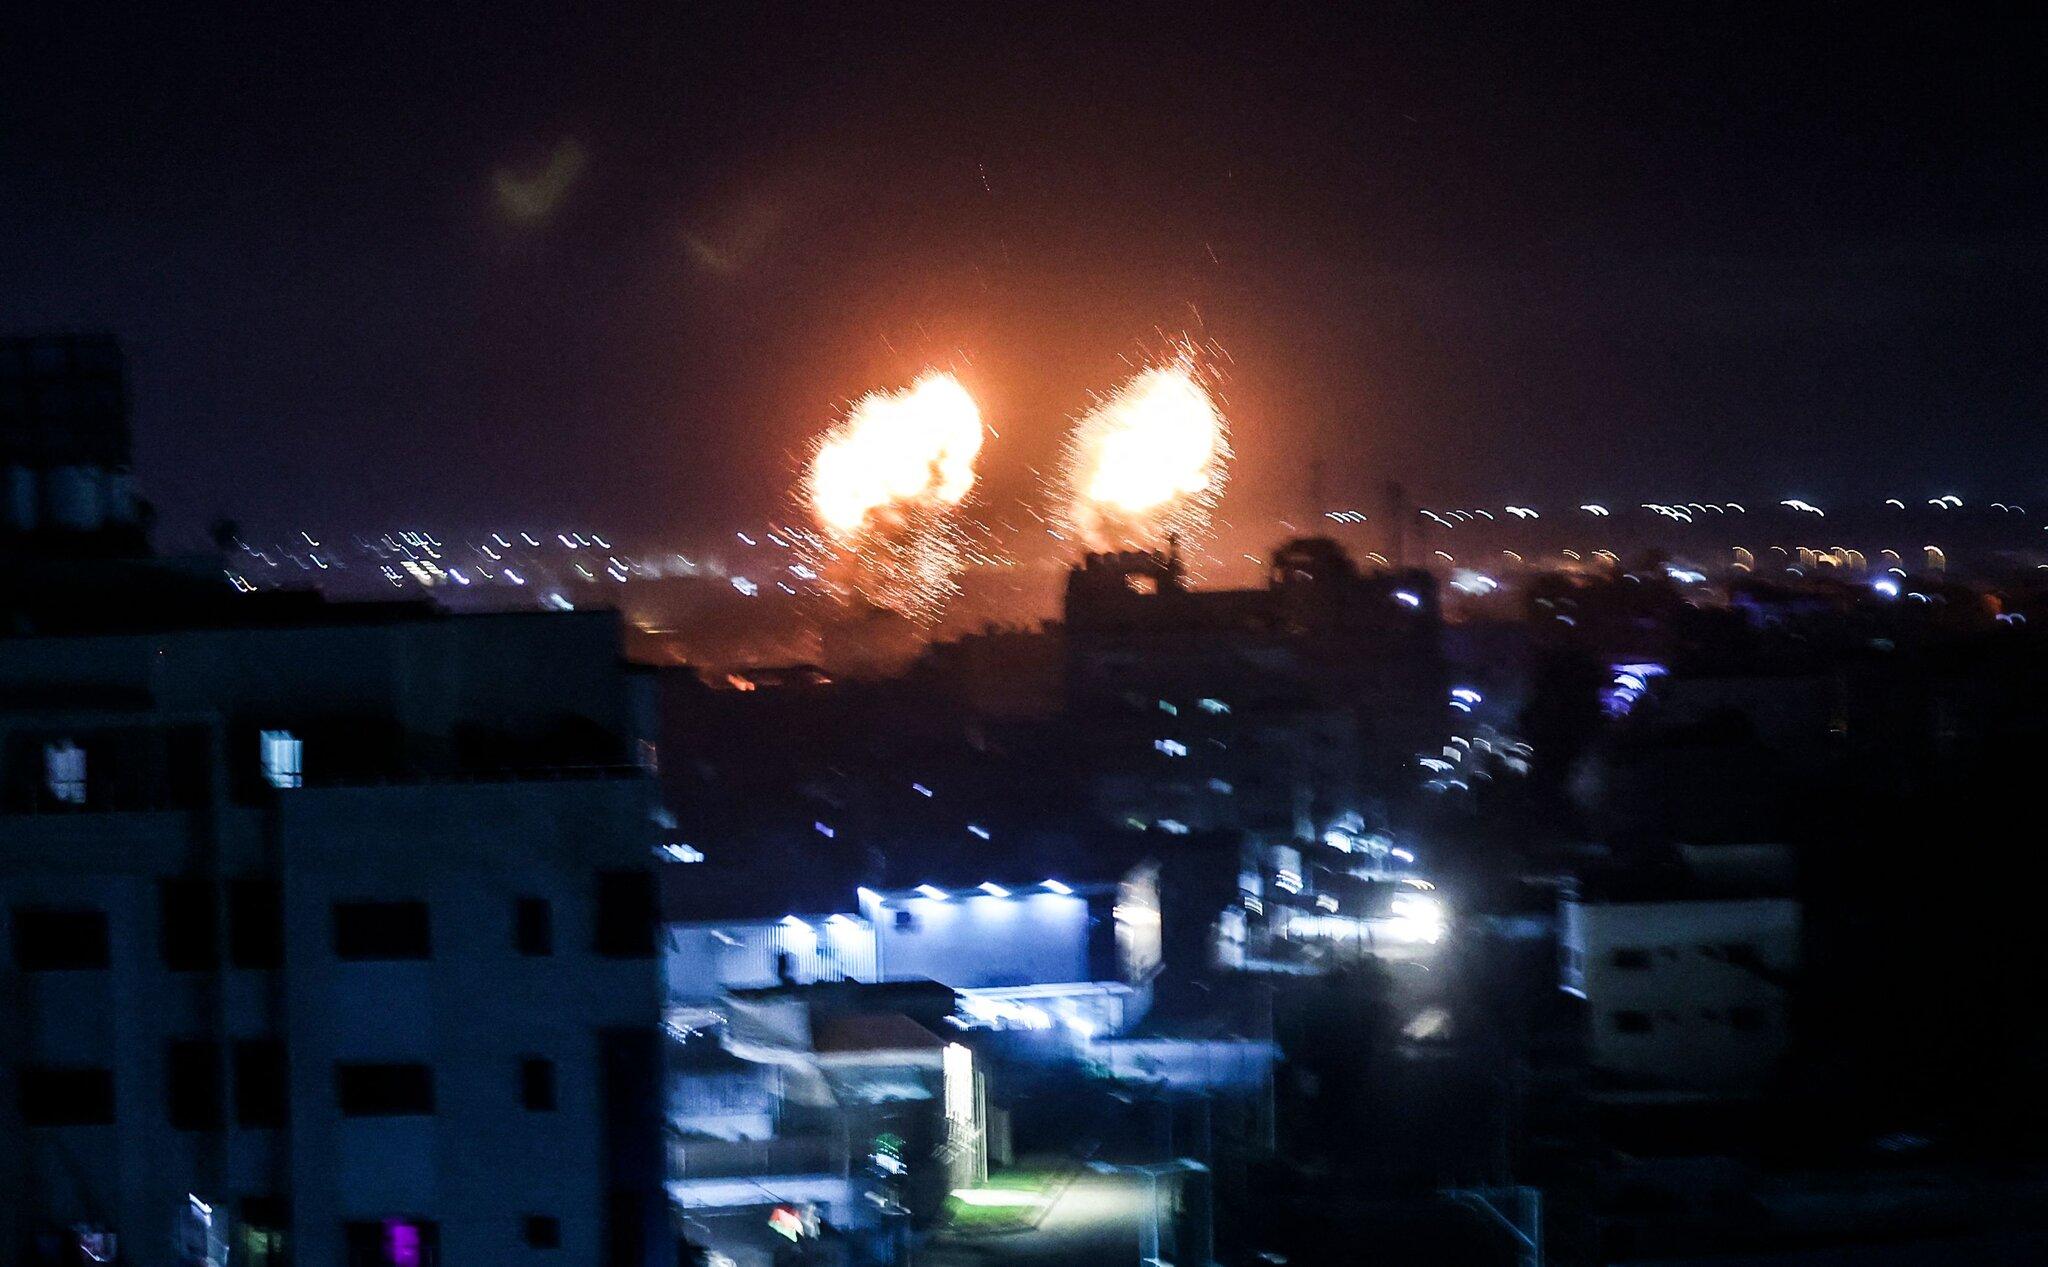 युद्धविराम उल्लंघन गर्दै इजरायली सेनाद्वारा गाजा क्षेत्रमा पुनः हवाइ आक्रमण